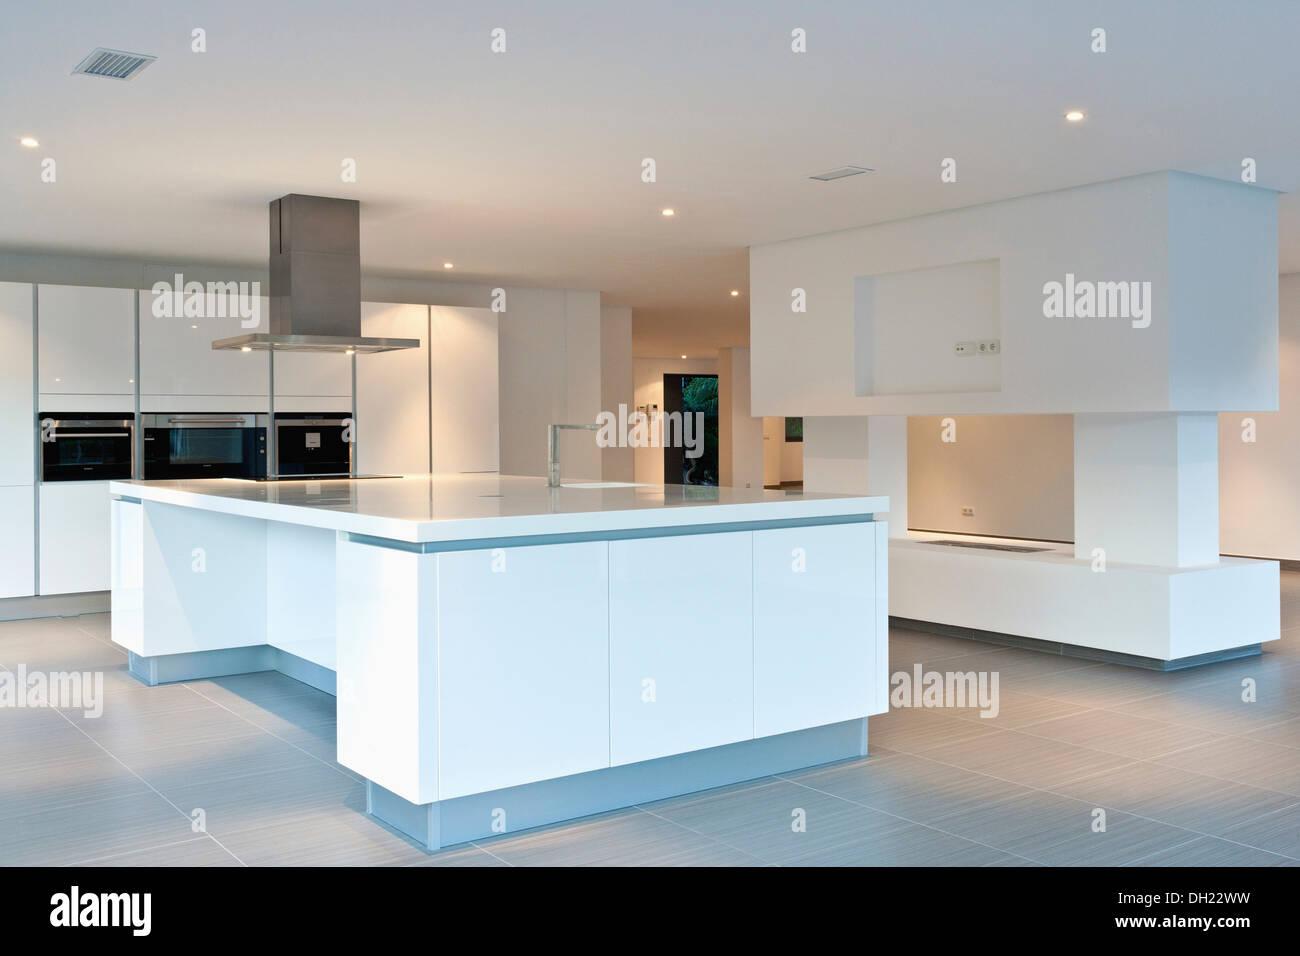 Dunstabzugshaube über insel gerät in großen leeren all weiße küche